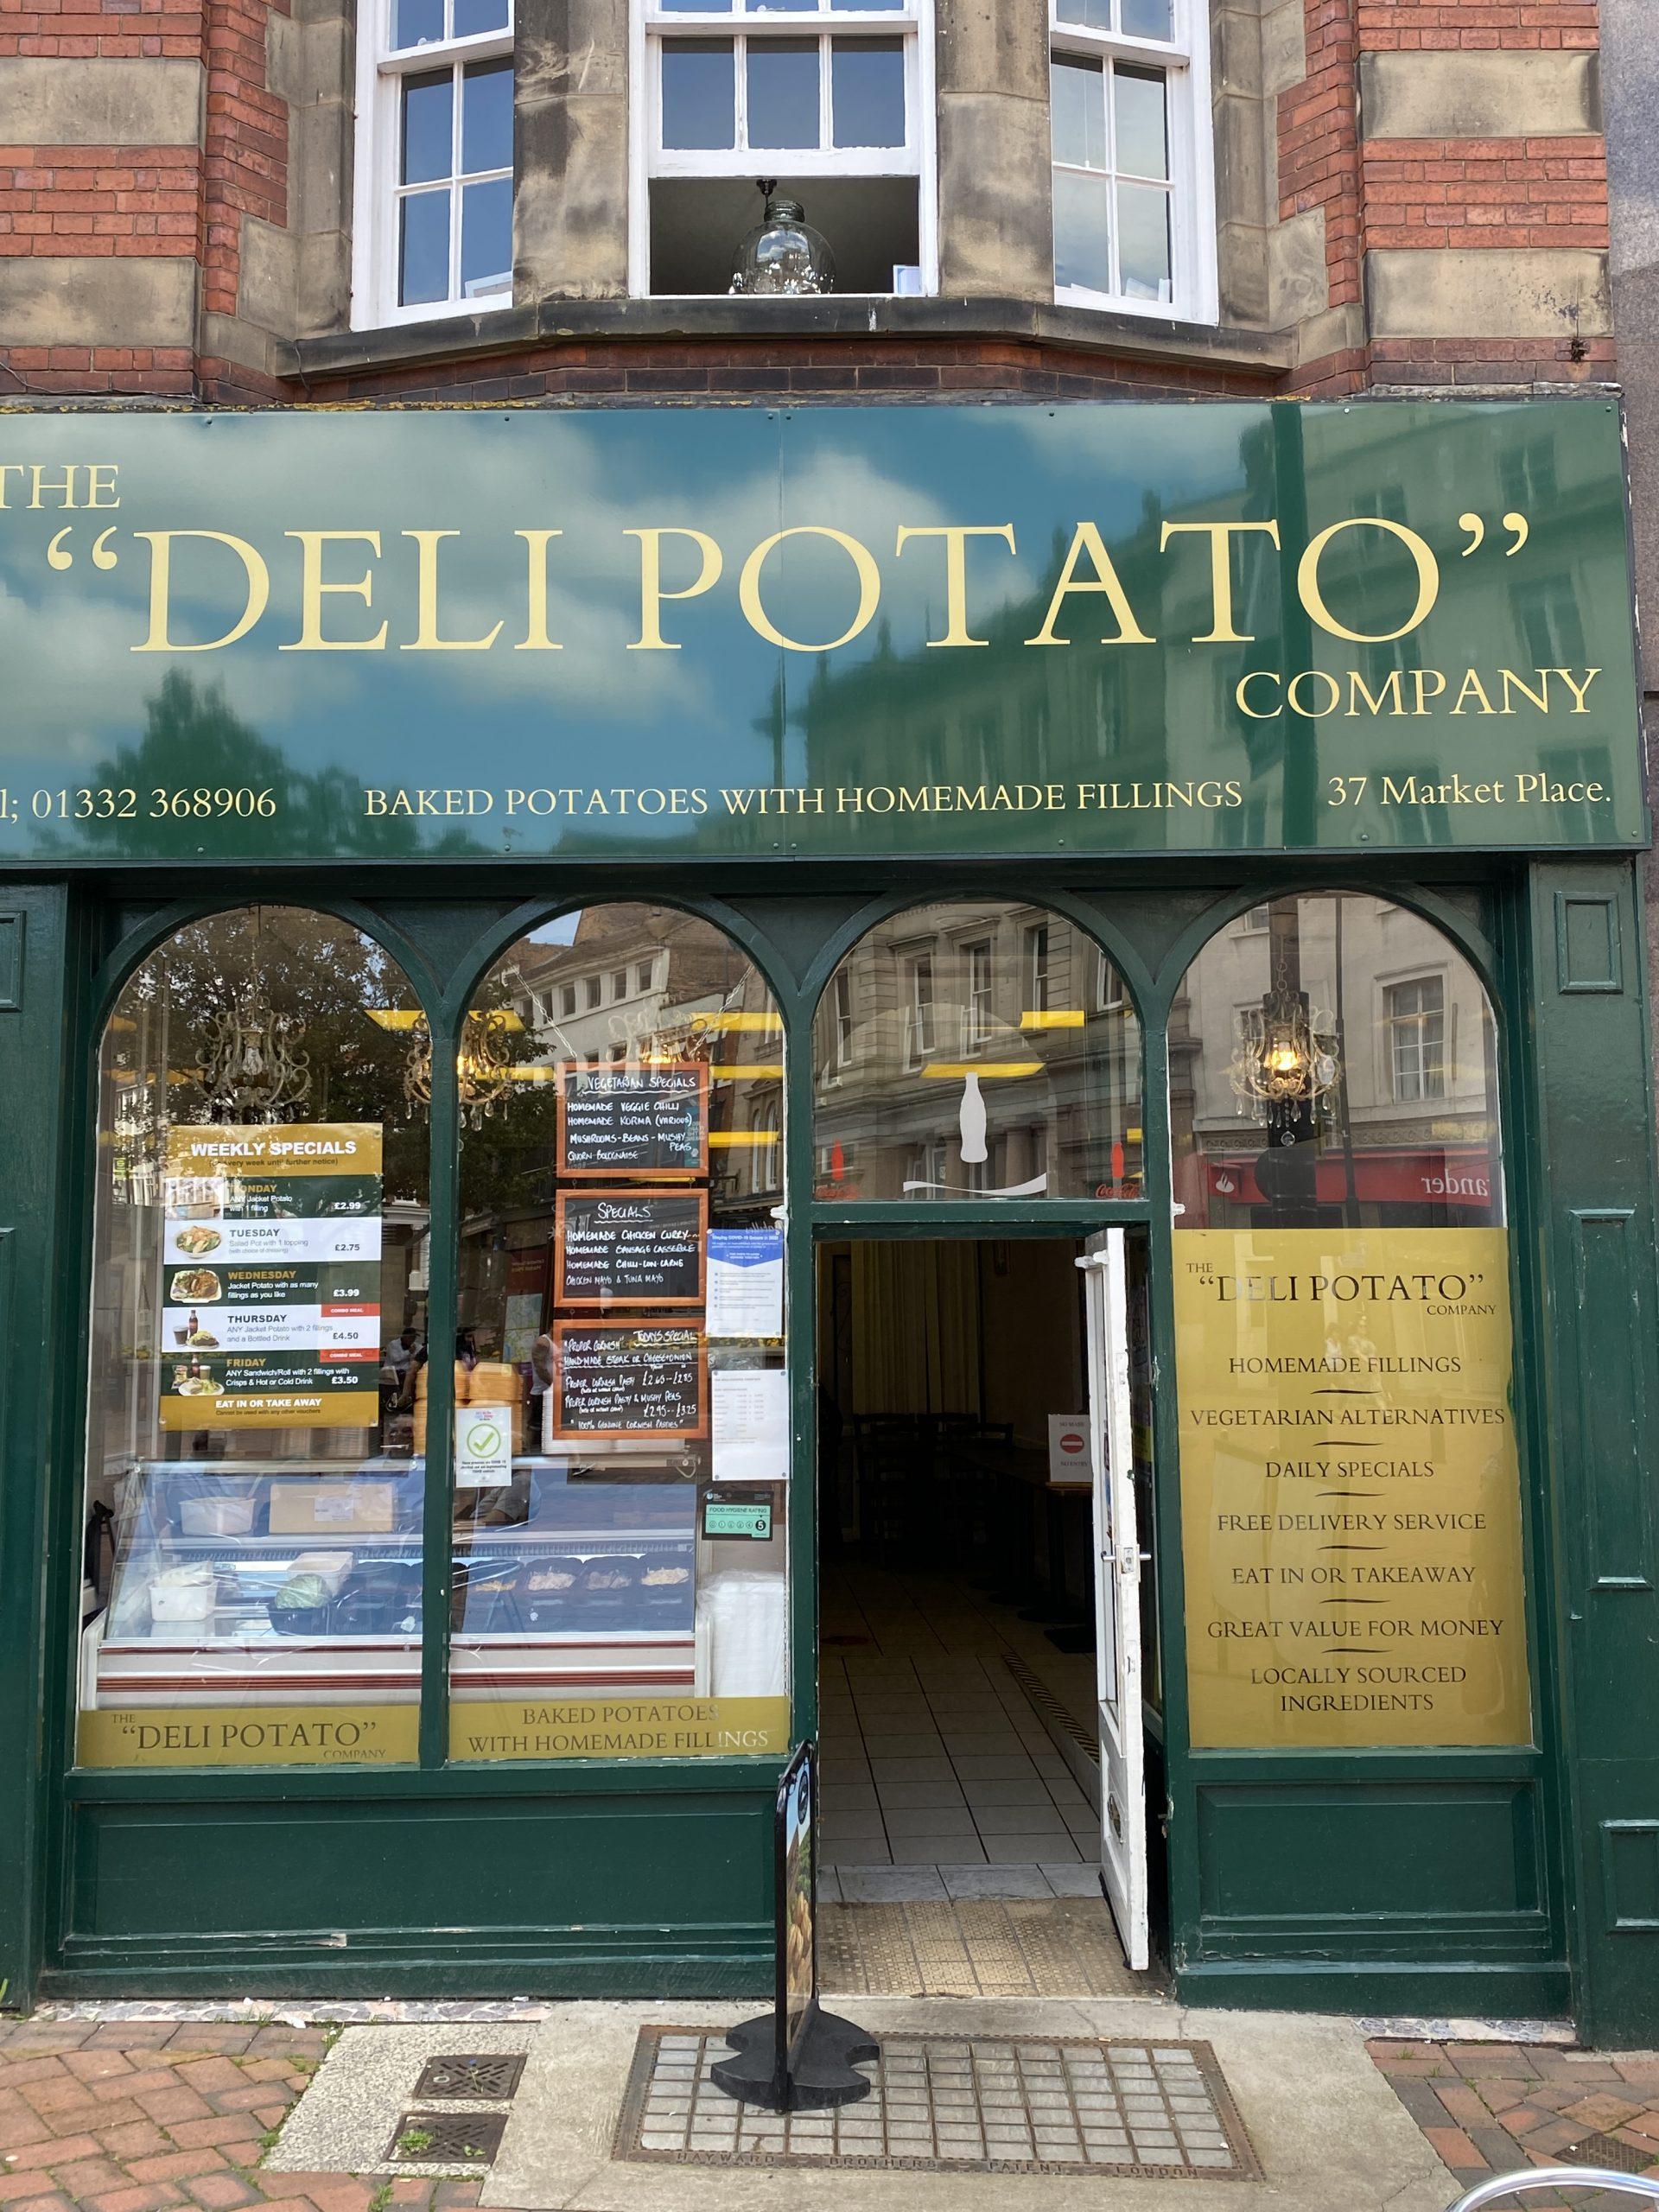 The Deli Potato Company